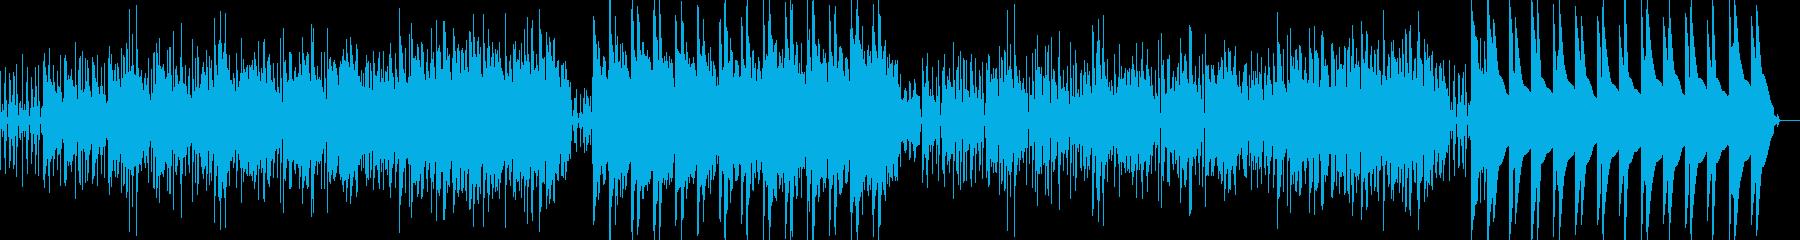 インストゥルメンタル、ベース、オル...の再生済みの波形